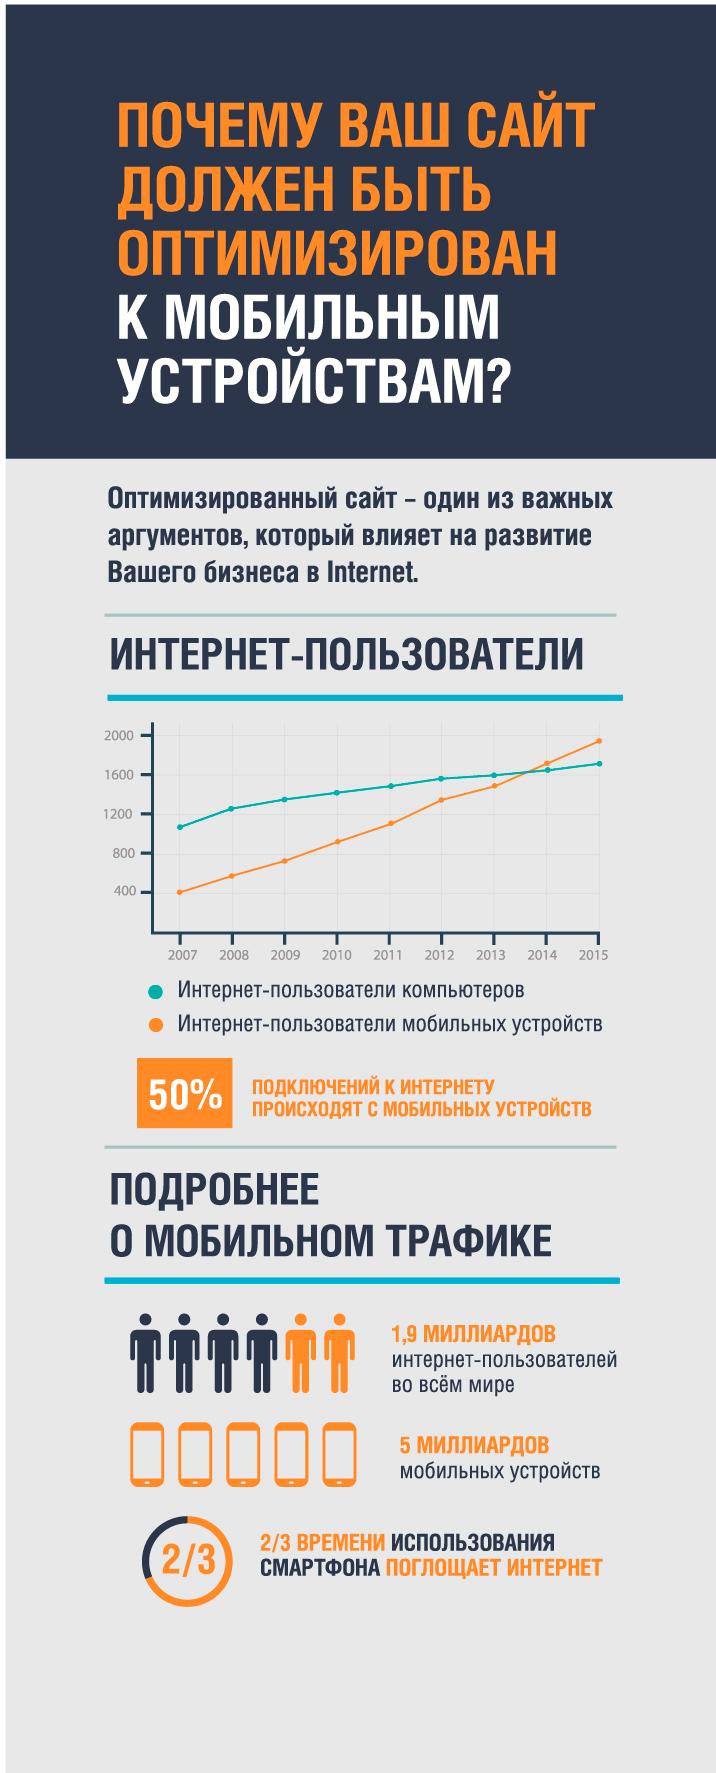 infographics_mobile_1